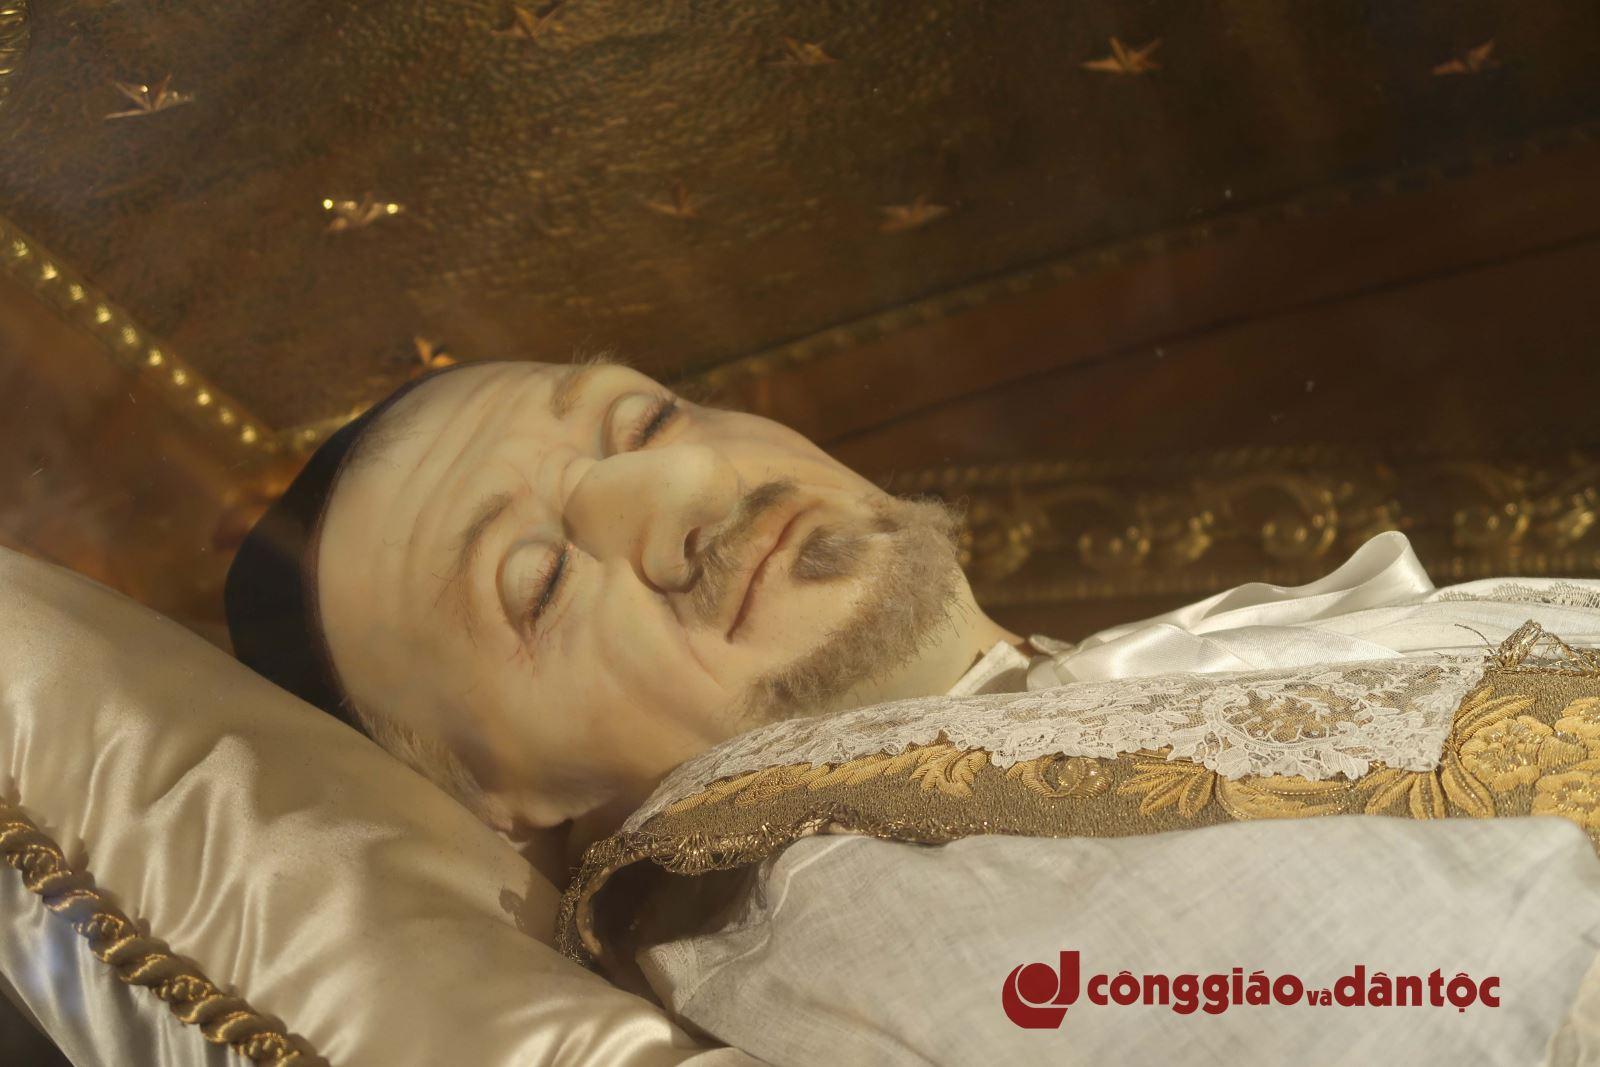 Viếng di hài thánh Vinh sơn Phaolô tại Paris - 1